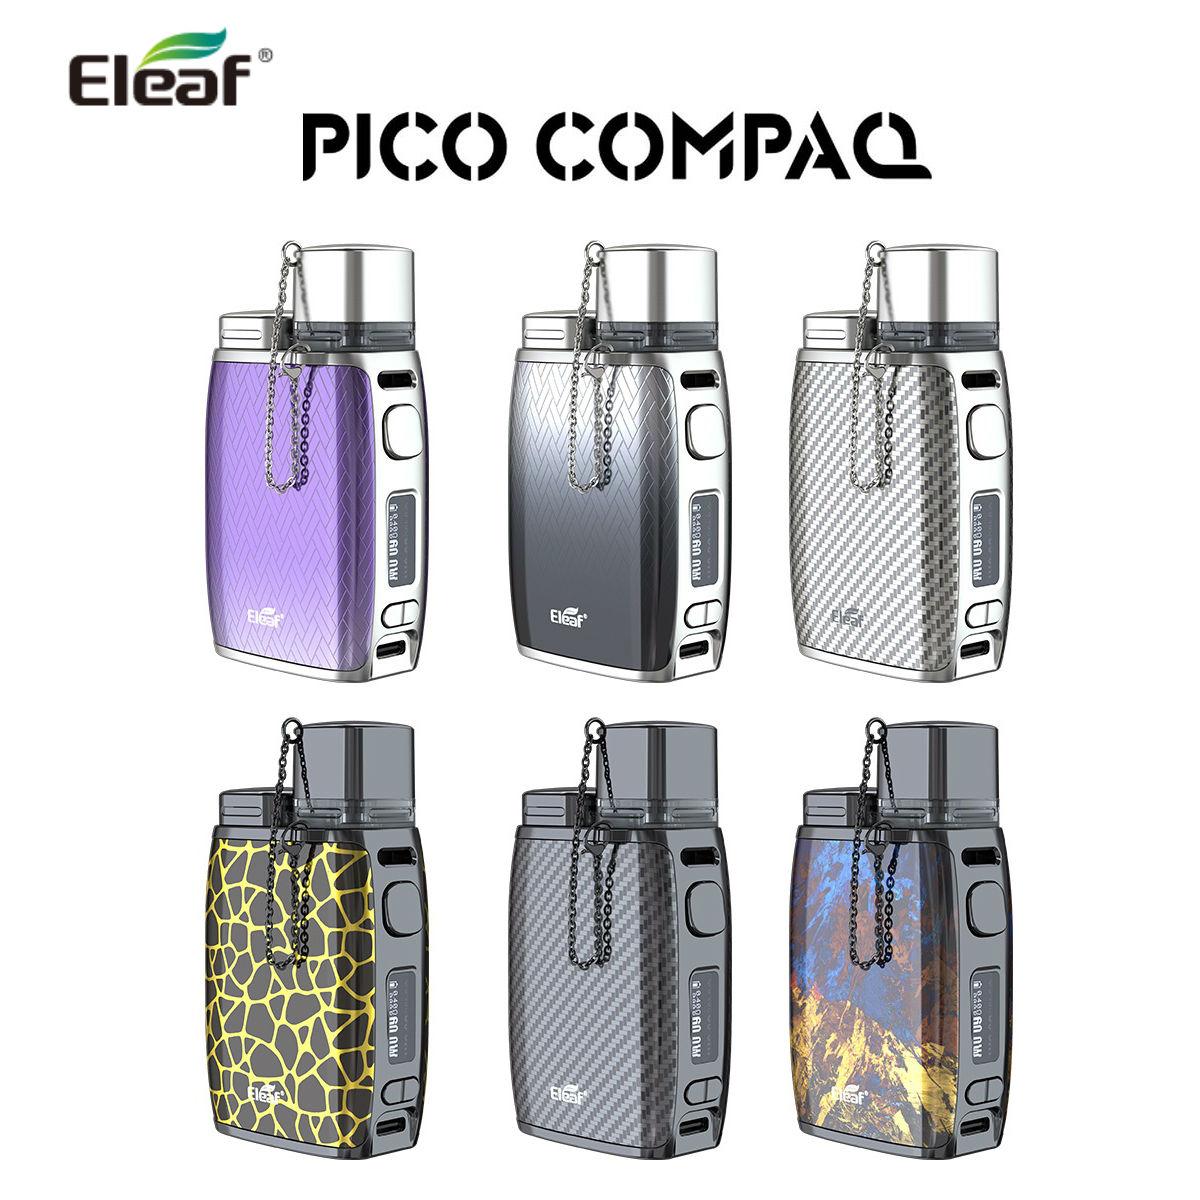 あす楽 送料無料 Eleaf イーリーフ Pico Compaq ピココンパックCompaq 最新アイテム ストア コンパック ピコ COMPAQイーリーフ kit